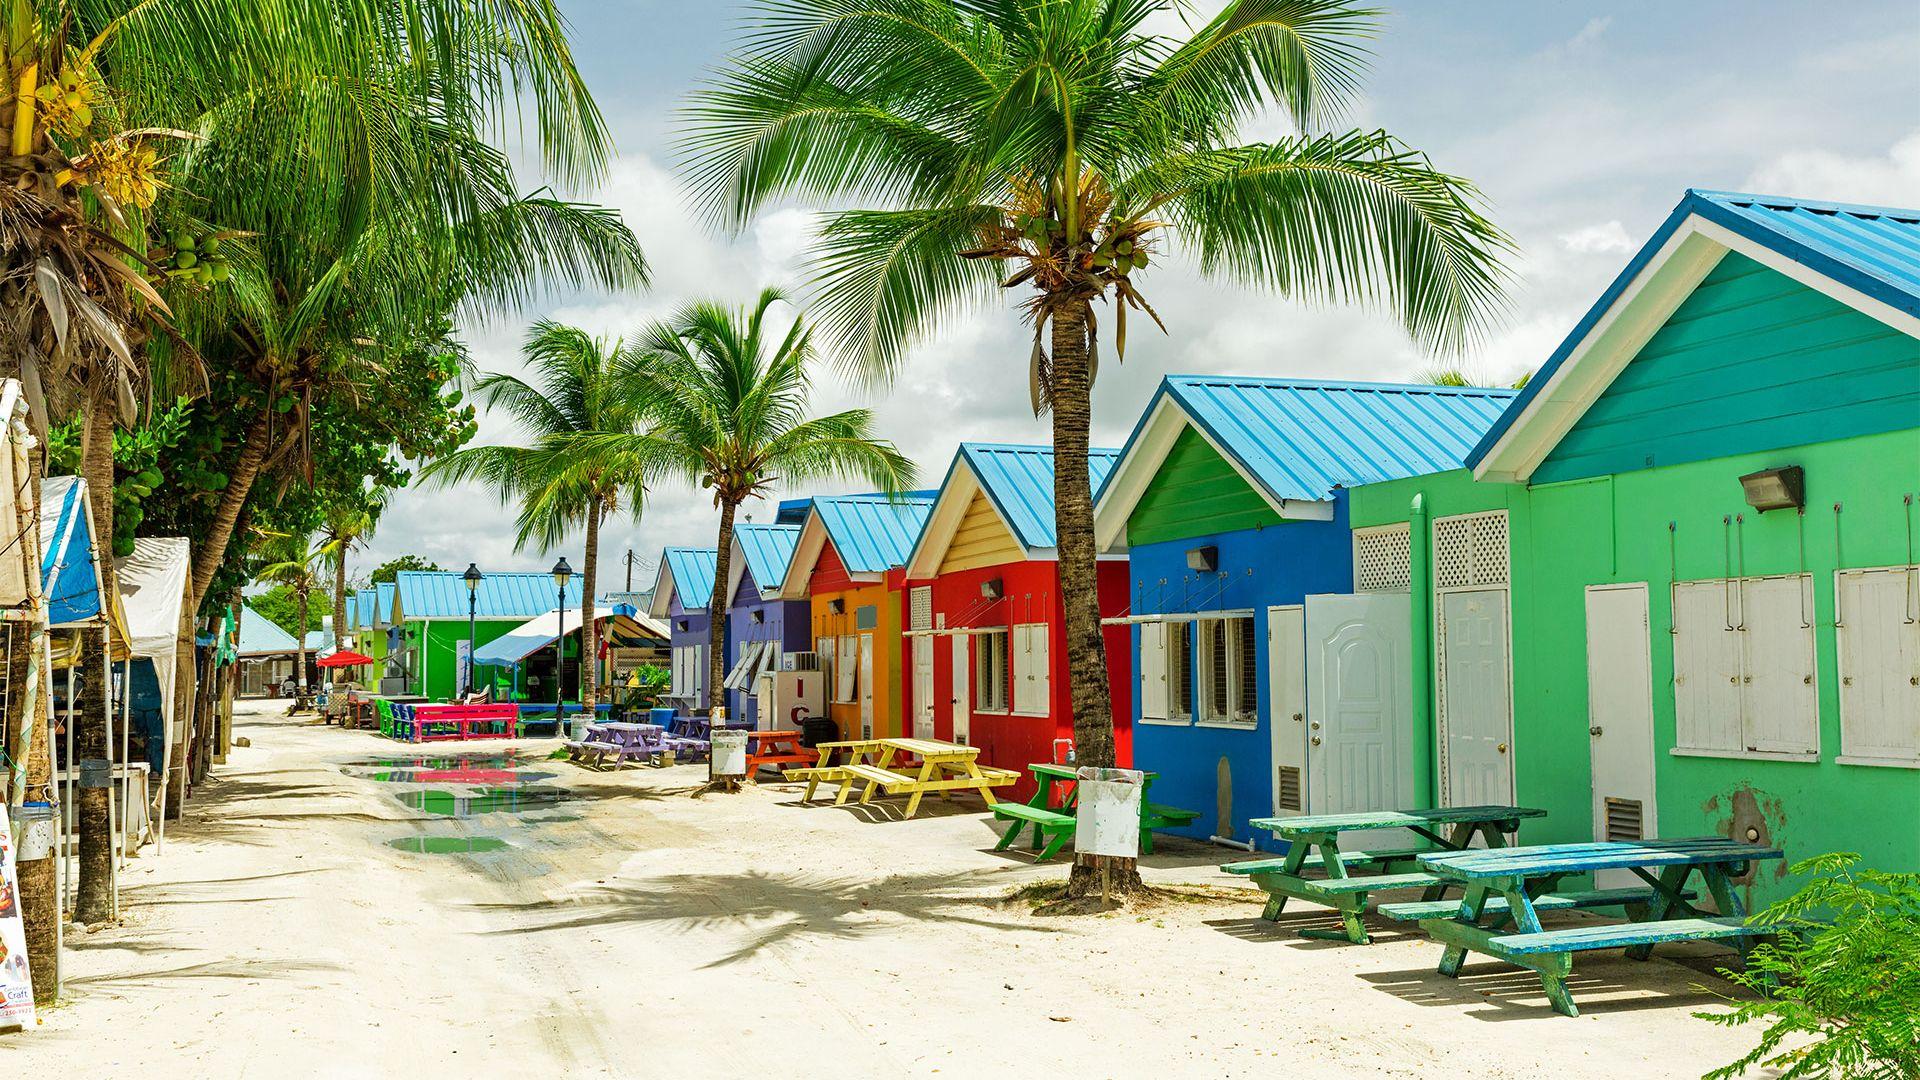 Sejur plaja Barbados, 9 zile - ianuarie 2022